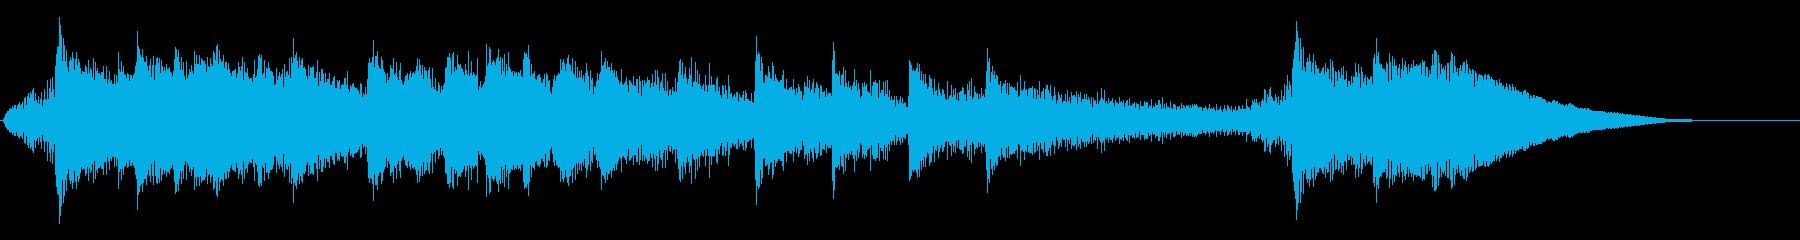 エレクトロニック テレビゲームの再生済みの波形